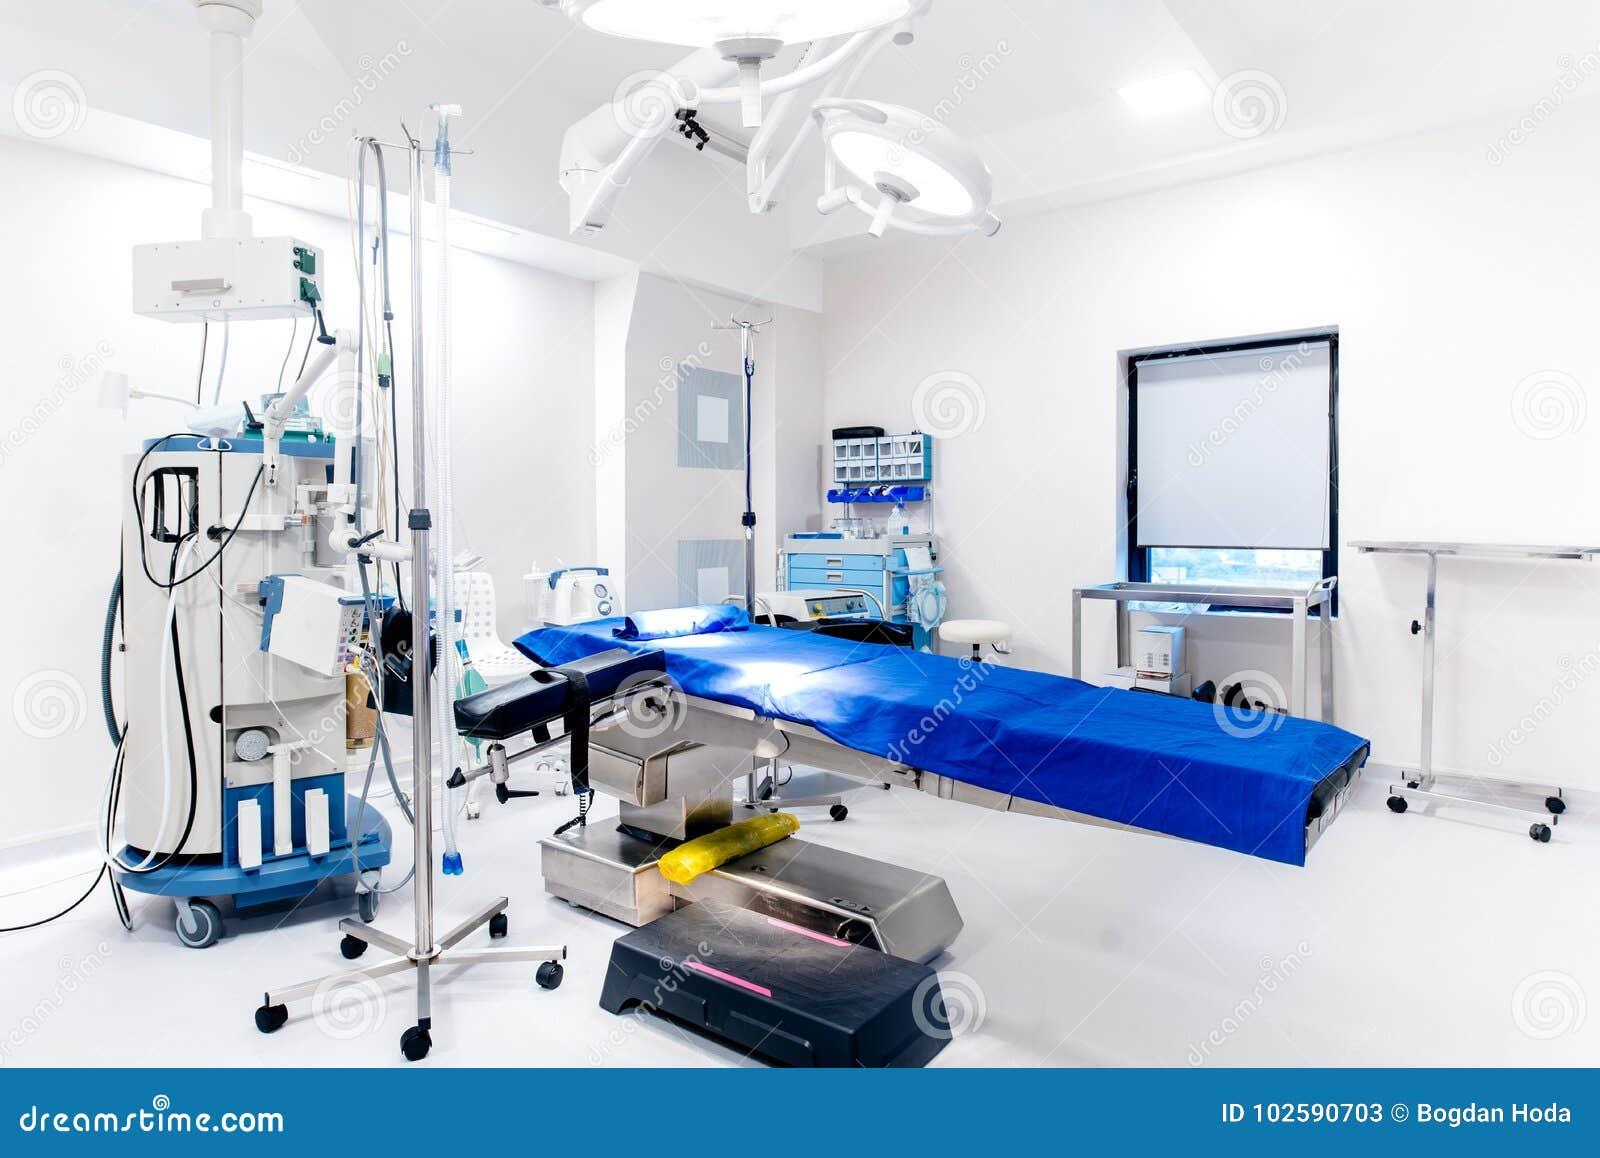 Sala de operaciones, ayuda del cuidado de vida, mesa de operaciones, lámparas y equipamiento médico vacíos